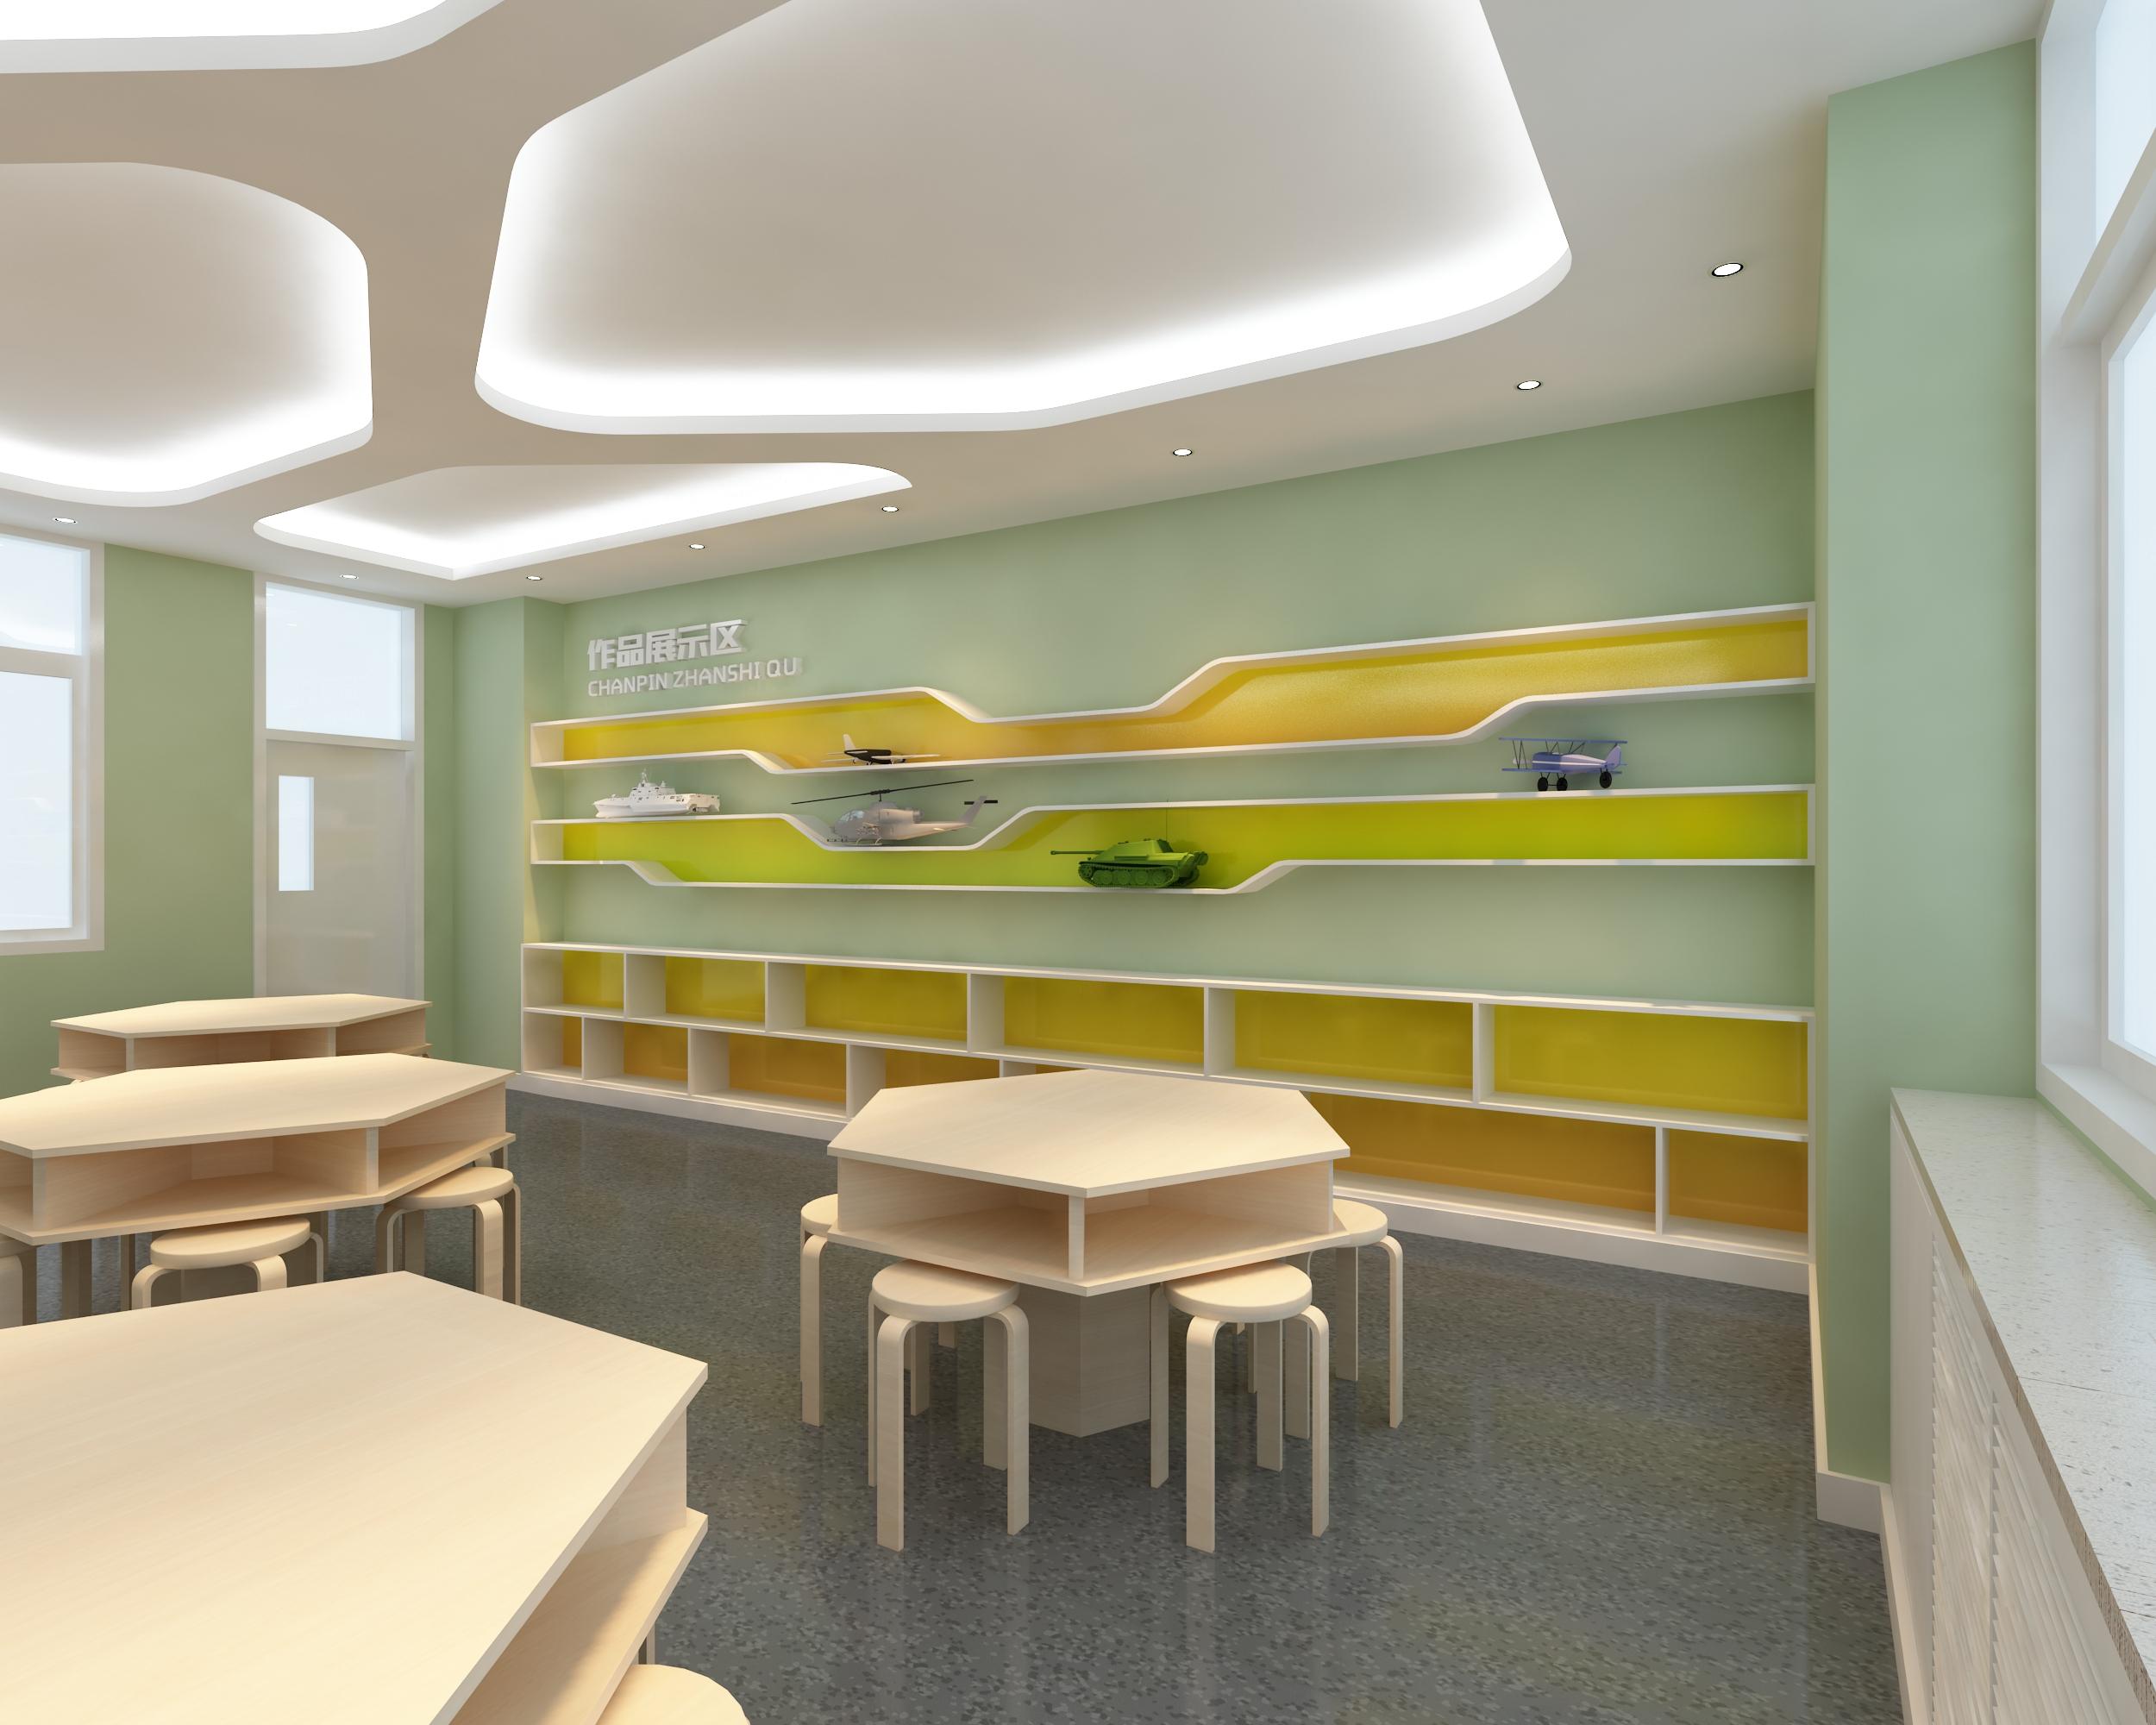 沙画教室 创客教室|空间|室内设计|处女座的马 - 原创图片